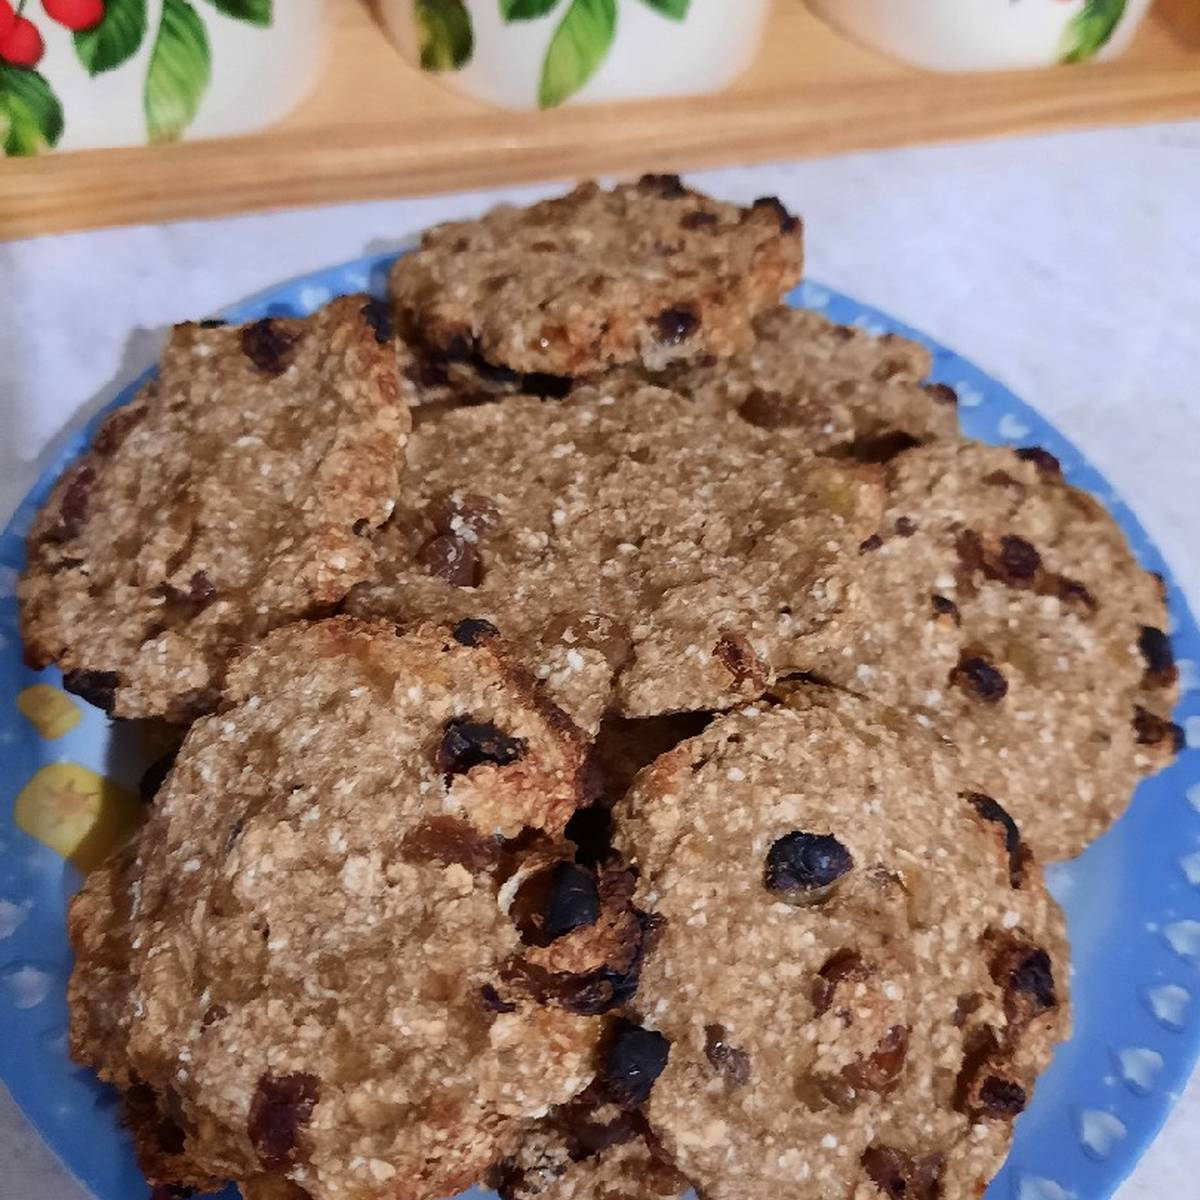 Овсяное печенье при грудном вскармливании: можно ли есть, рецепт для кормящей мамы